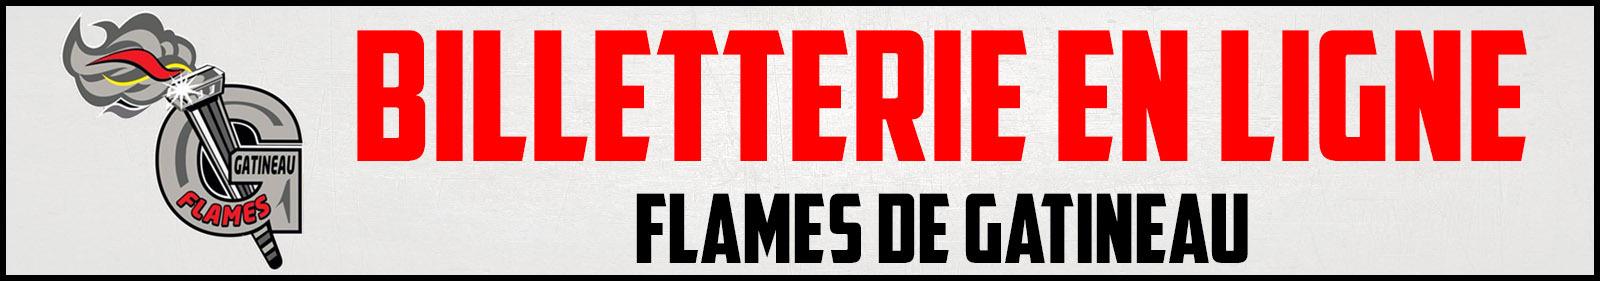 Billetterie des Flames